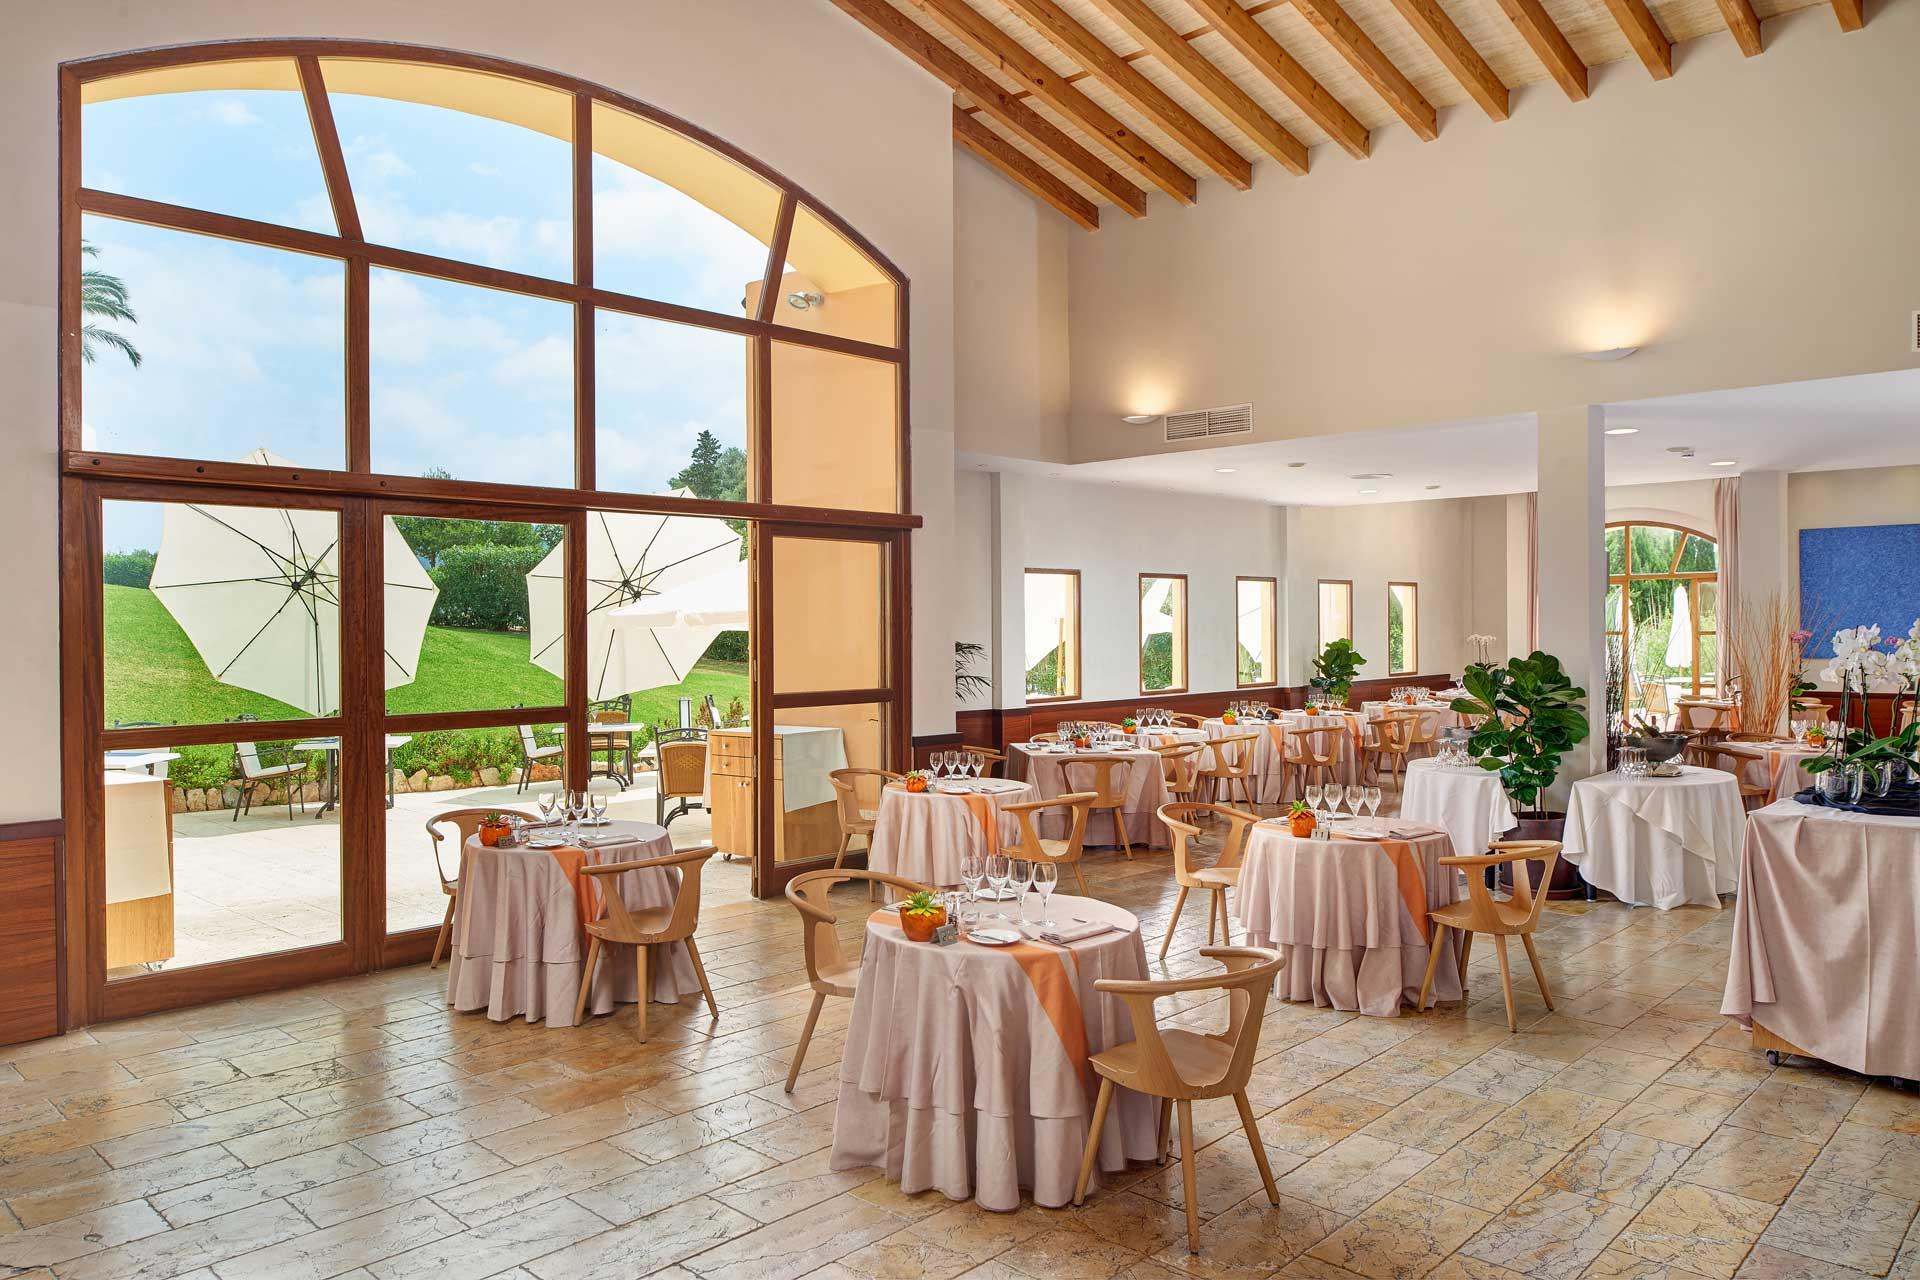 Finca-Hotel Sentido Pula Suites - Restaurant Es Xoric